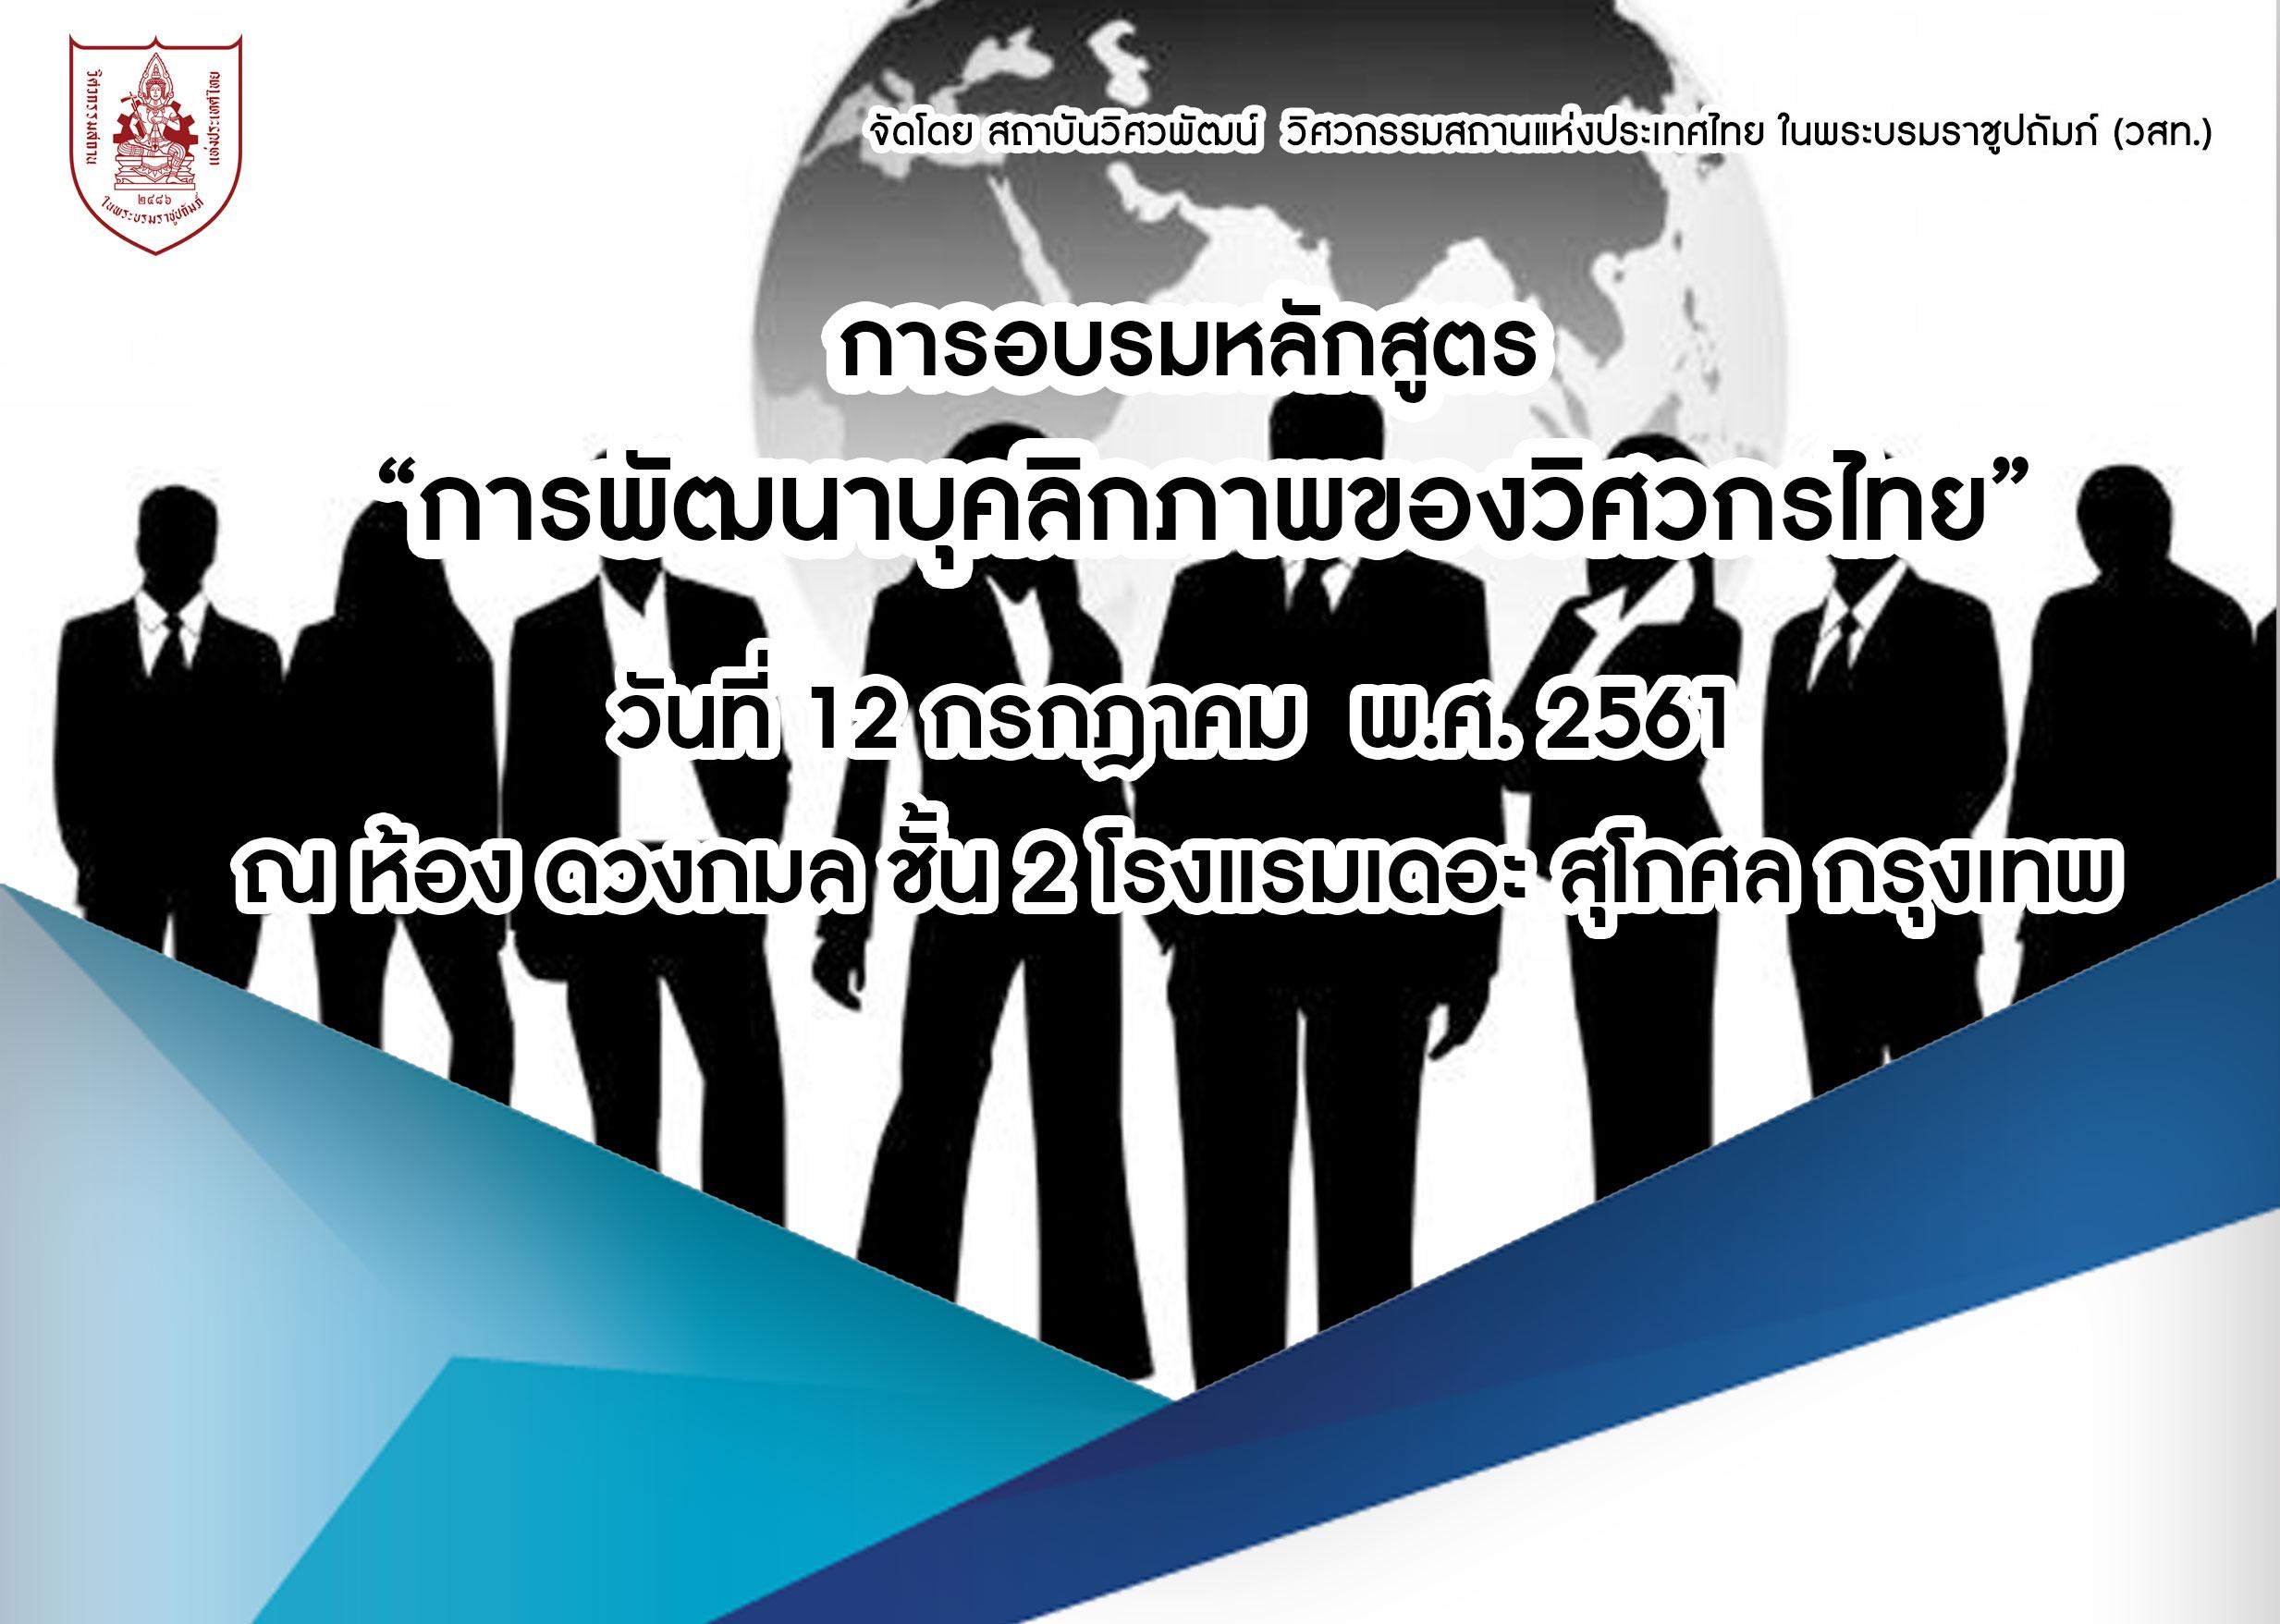 """12/07/2561 การอบรมหลักสูตร """"การพัฒนาบุคลิกภาพของวิศวกรไทย"""" (ยกเลิก)"""